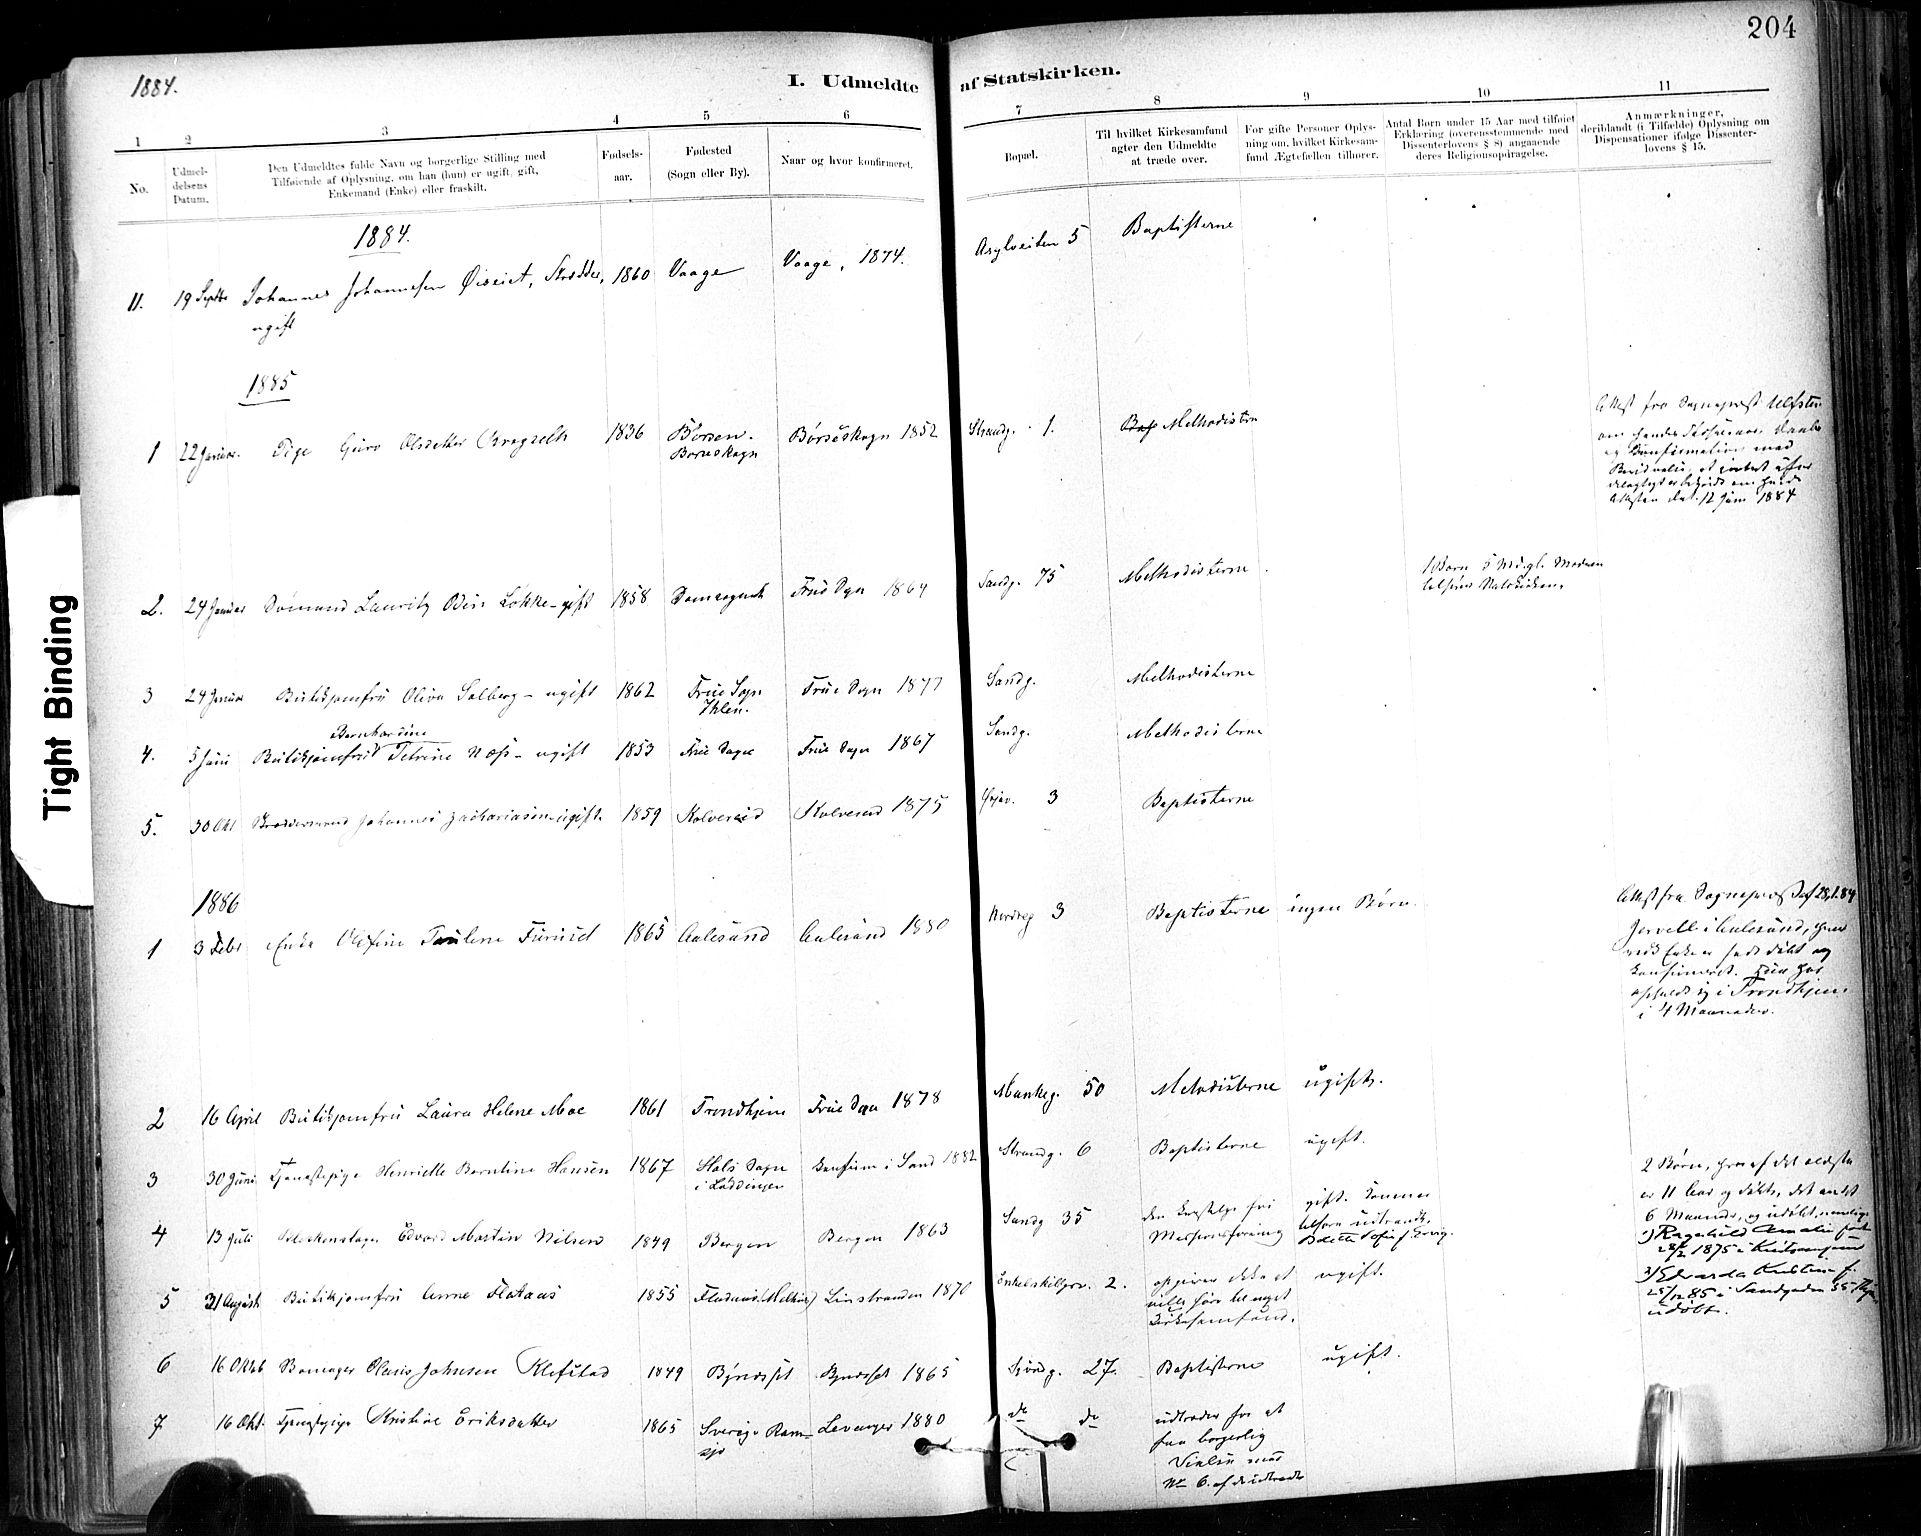 SAT, Ministerialprotokoller, klokkerbøker og fødselsregistre - Sør-Trøndelag, 602/L0120: Ministerialbok nr. 602A18, 1880-1913, s. 204